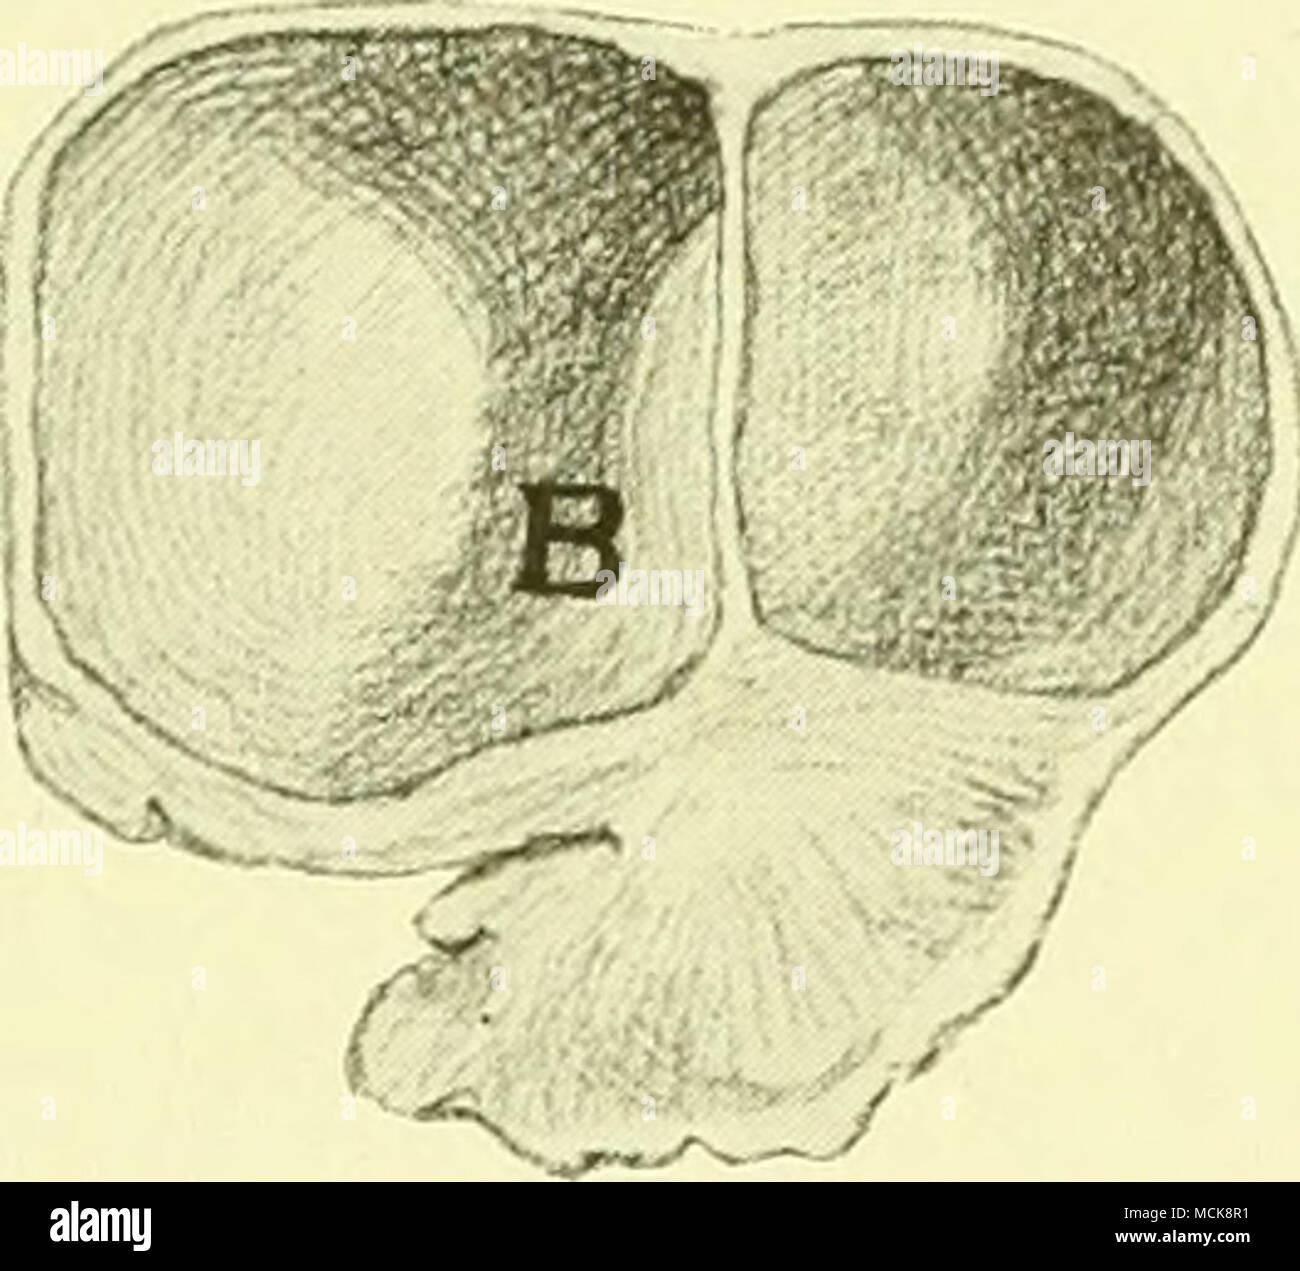 Groß Oberfläche Anatomie Des Gesichts Zeitgenössisch - Physiologie ...